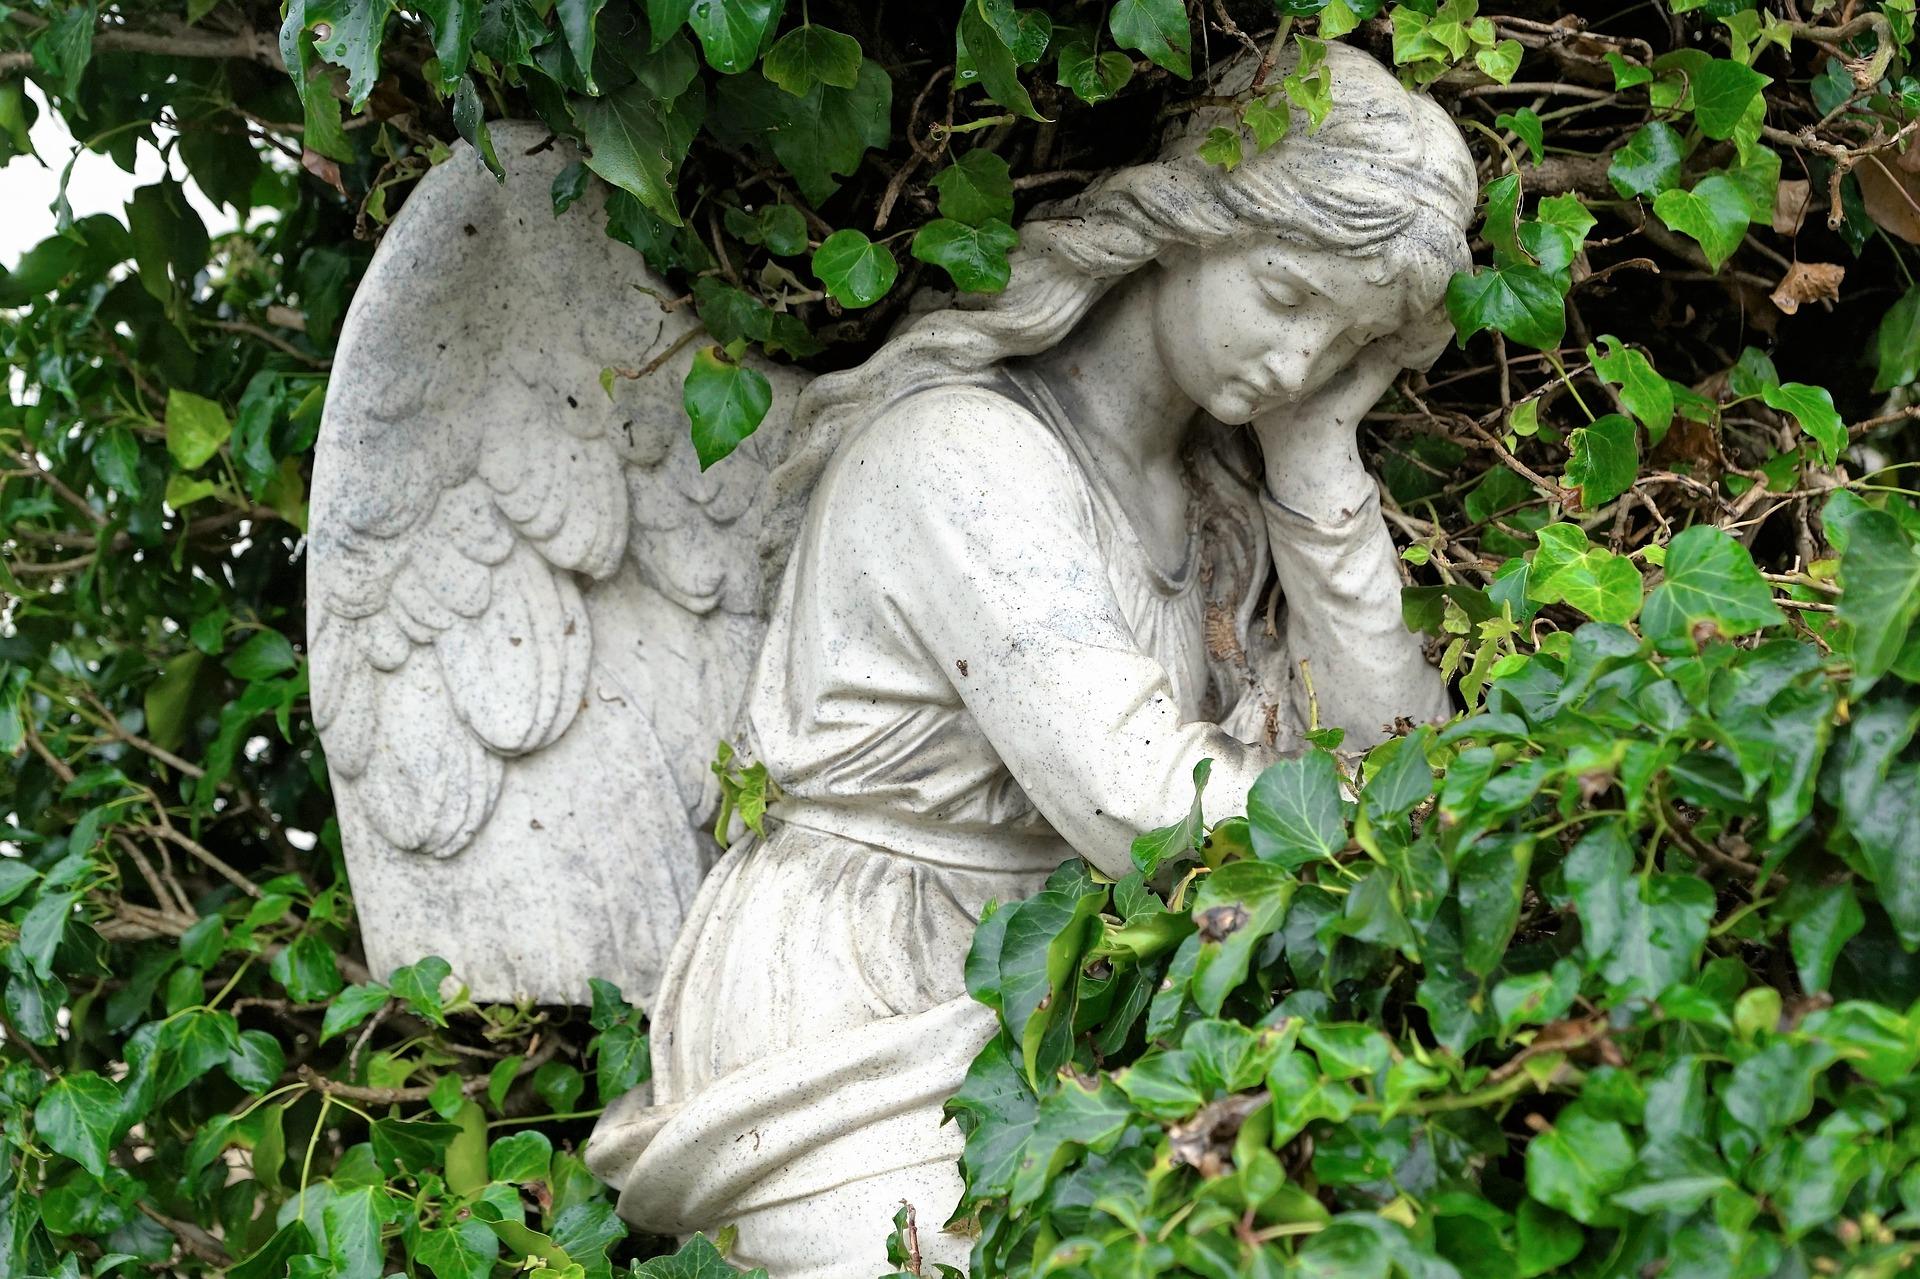 天使の石像の画像